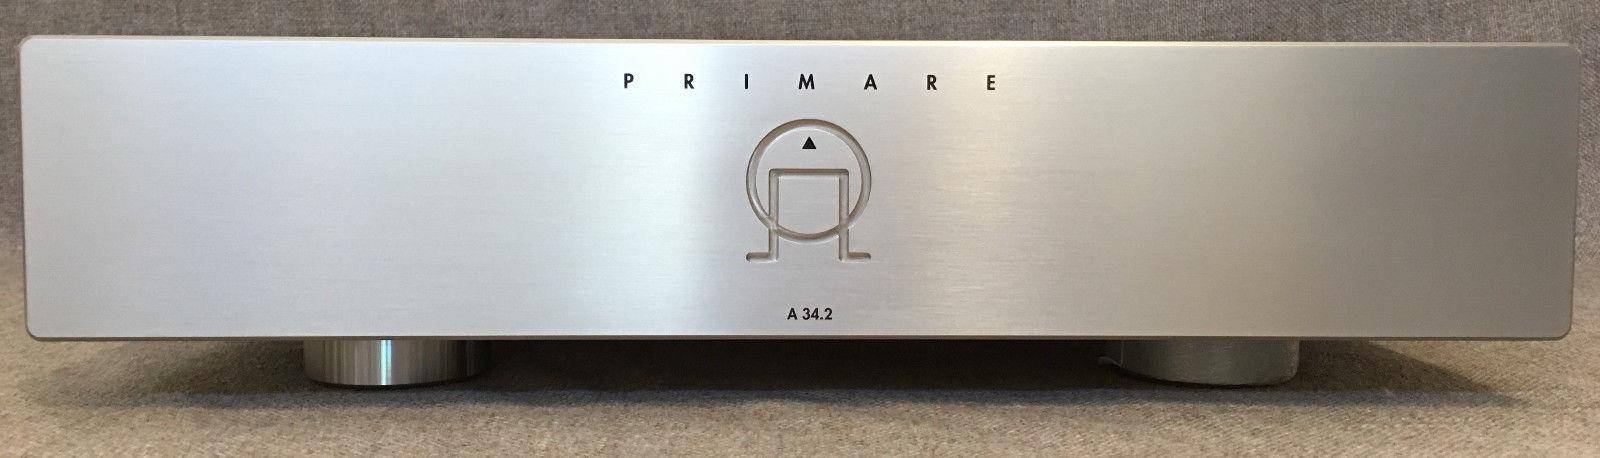 Titanium Primare A 34.2 Audiophile 2-Channel Amplifier VG Condition $2500